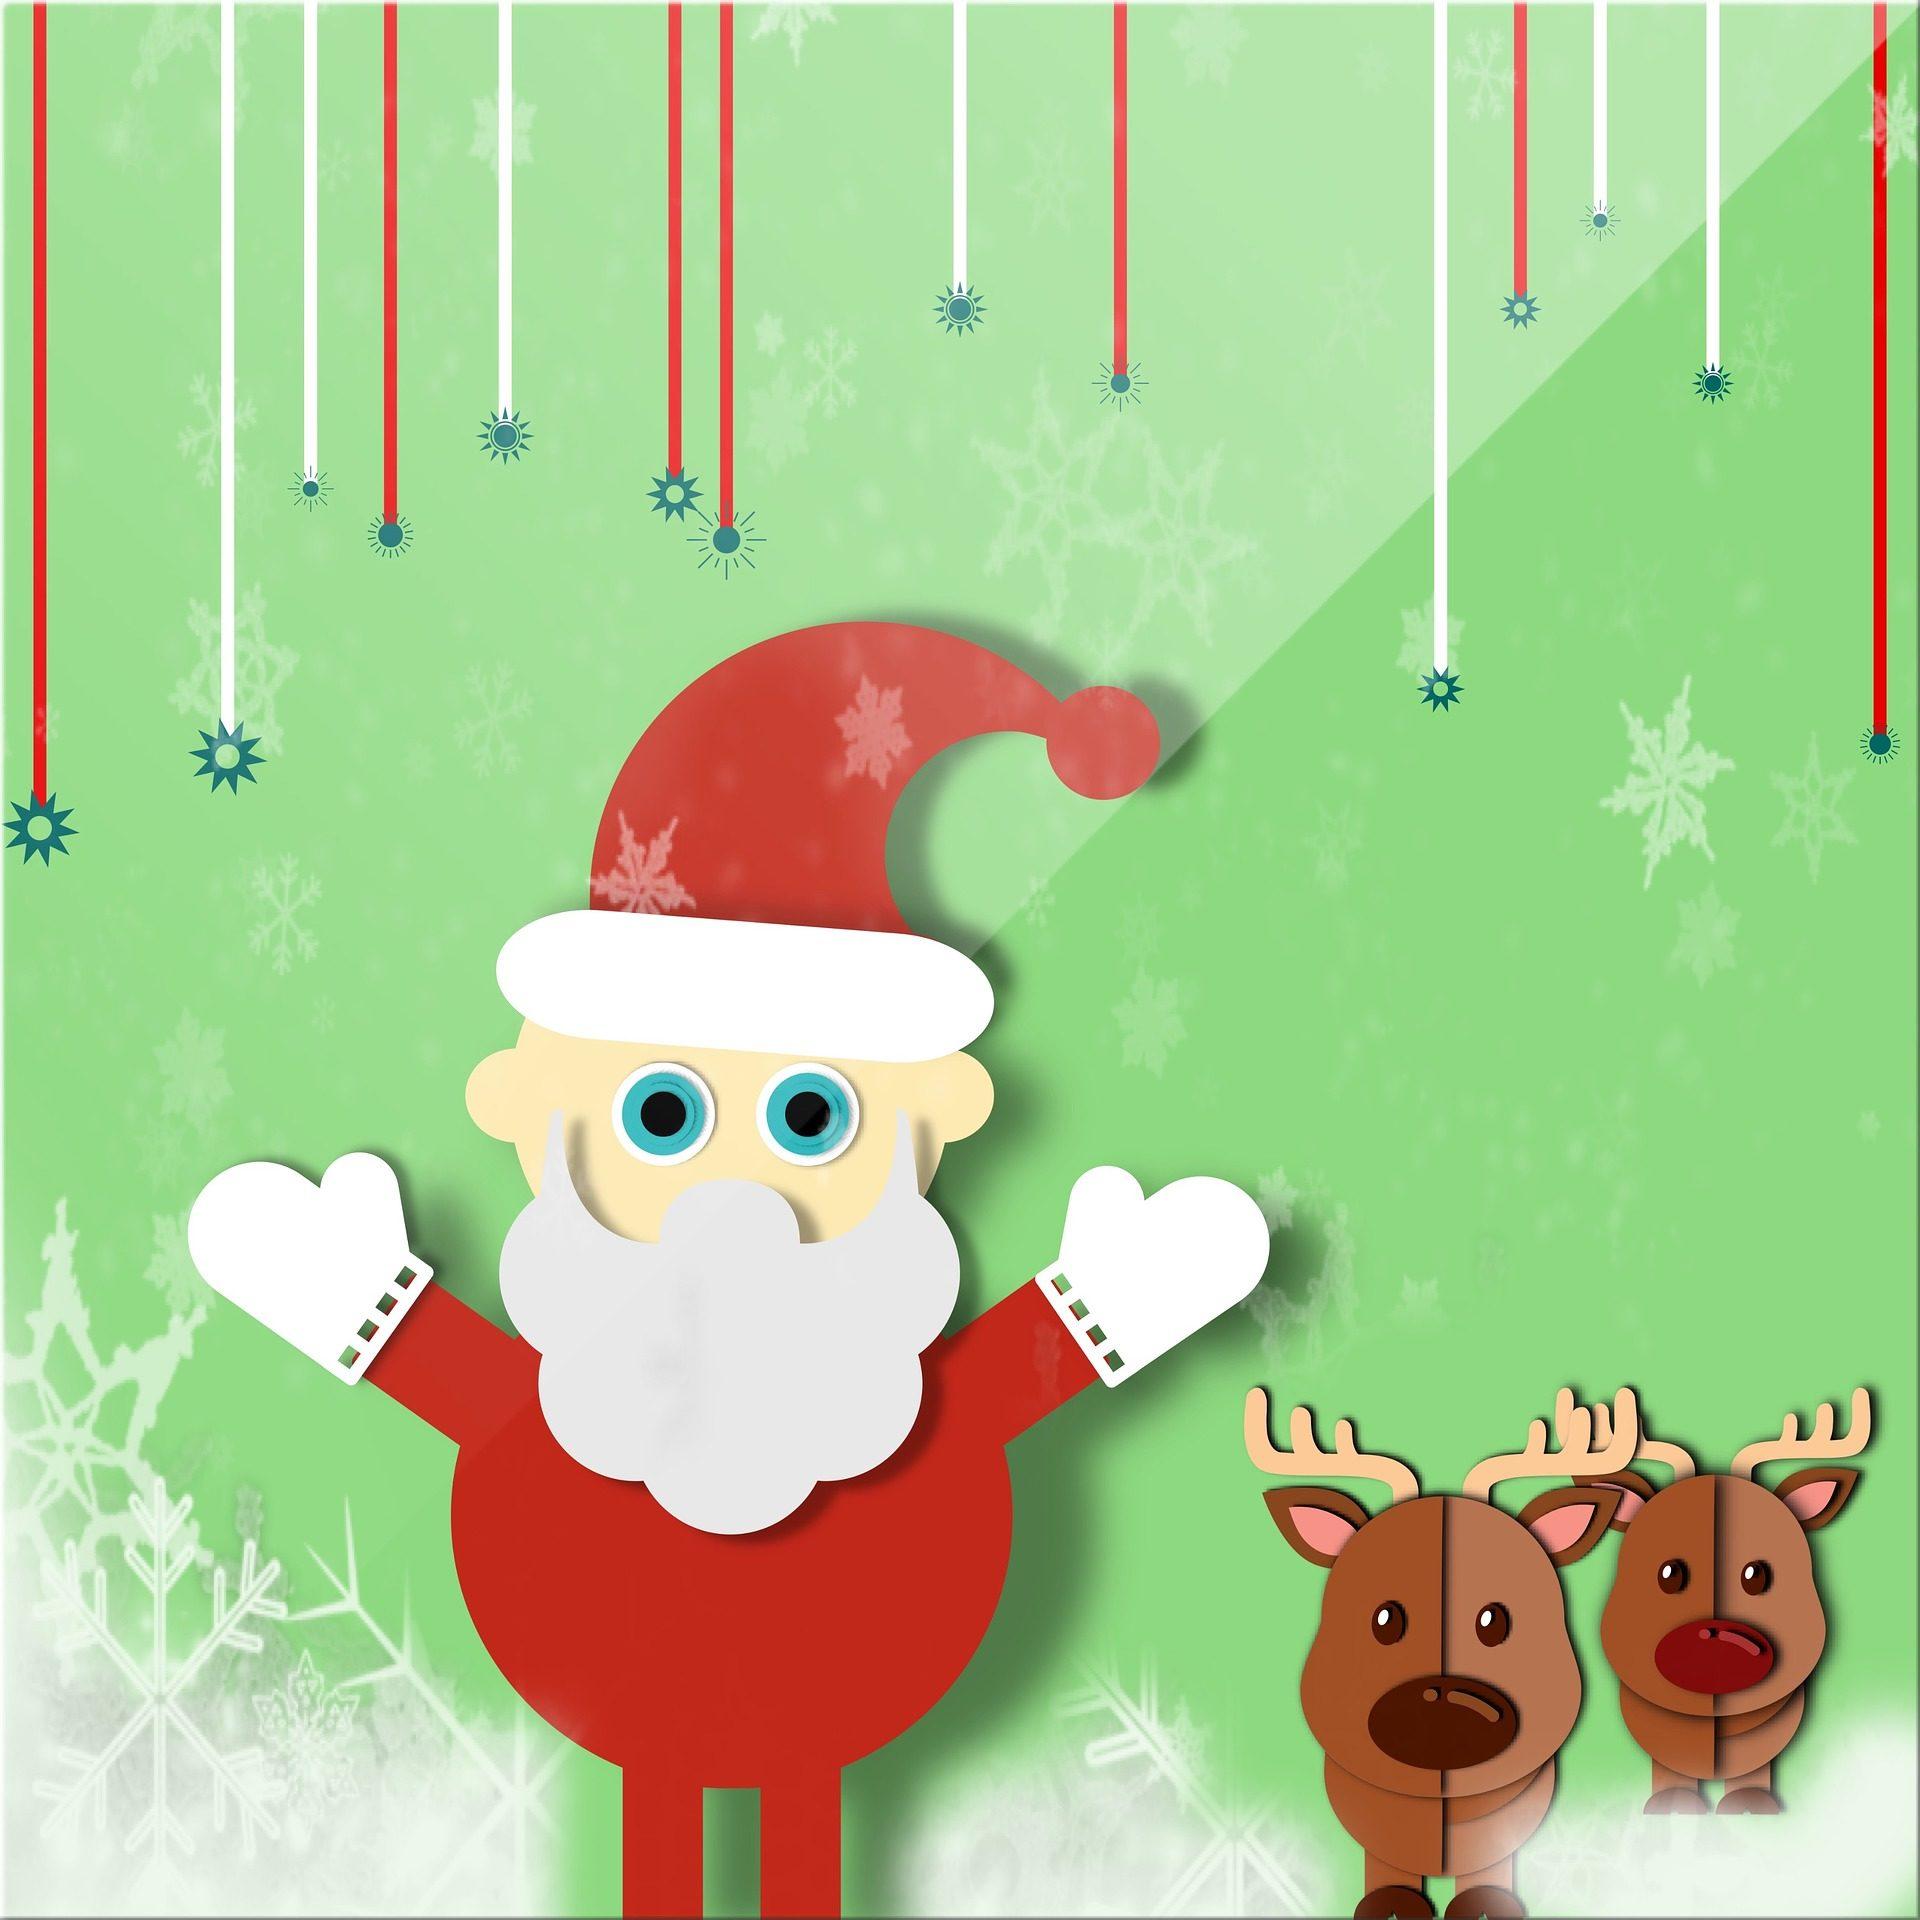 santa claus, सांता क्लॉस, हिरन, कार्ड, ग्रीटिंग, बर्फ, क्रिसमस - HD वॉलपेपर - प्रोफेसर-falken.com